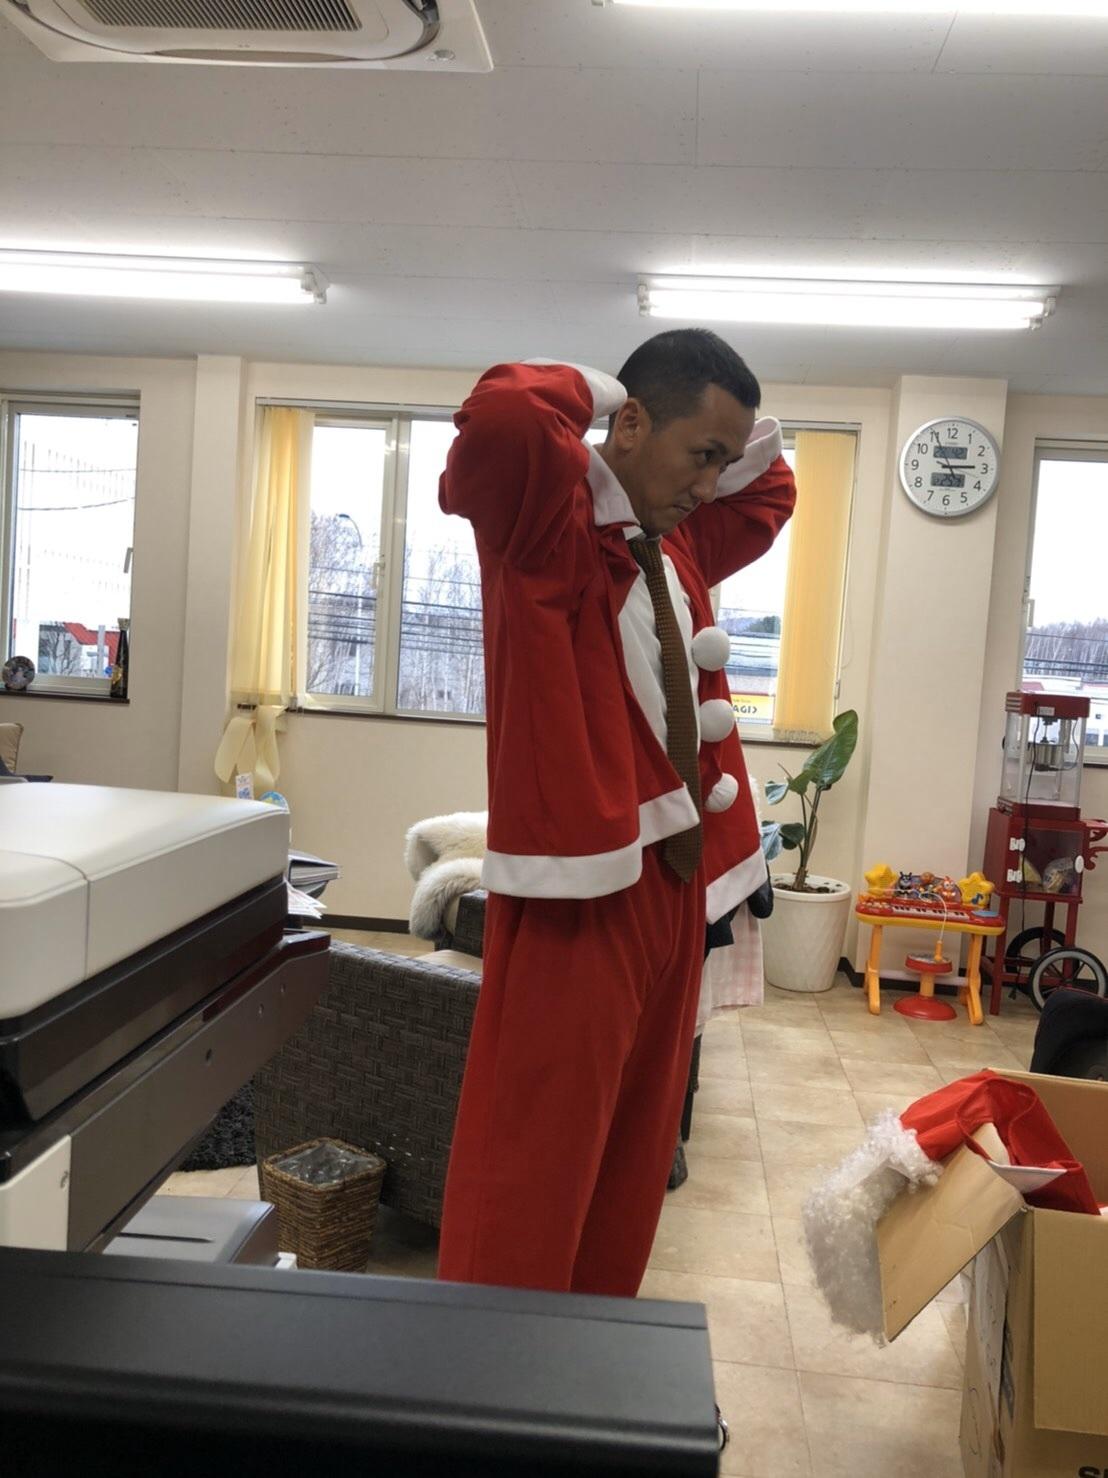 メリークリスマス(^^♪TOMMYサンタも出動!!!G社様 納車(^^)/ エスカレード、ハマー、ハイエース_b0127002_18100315.jpg